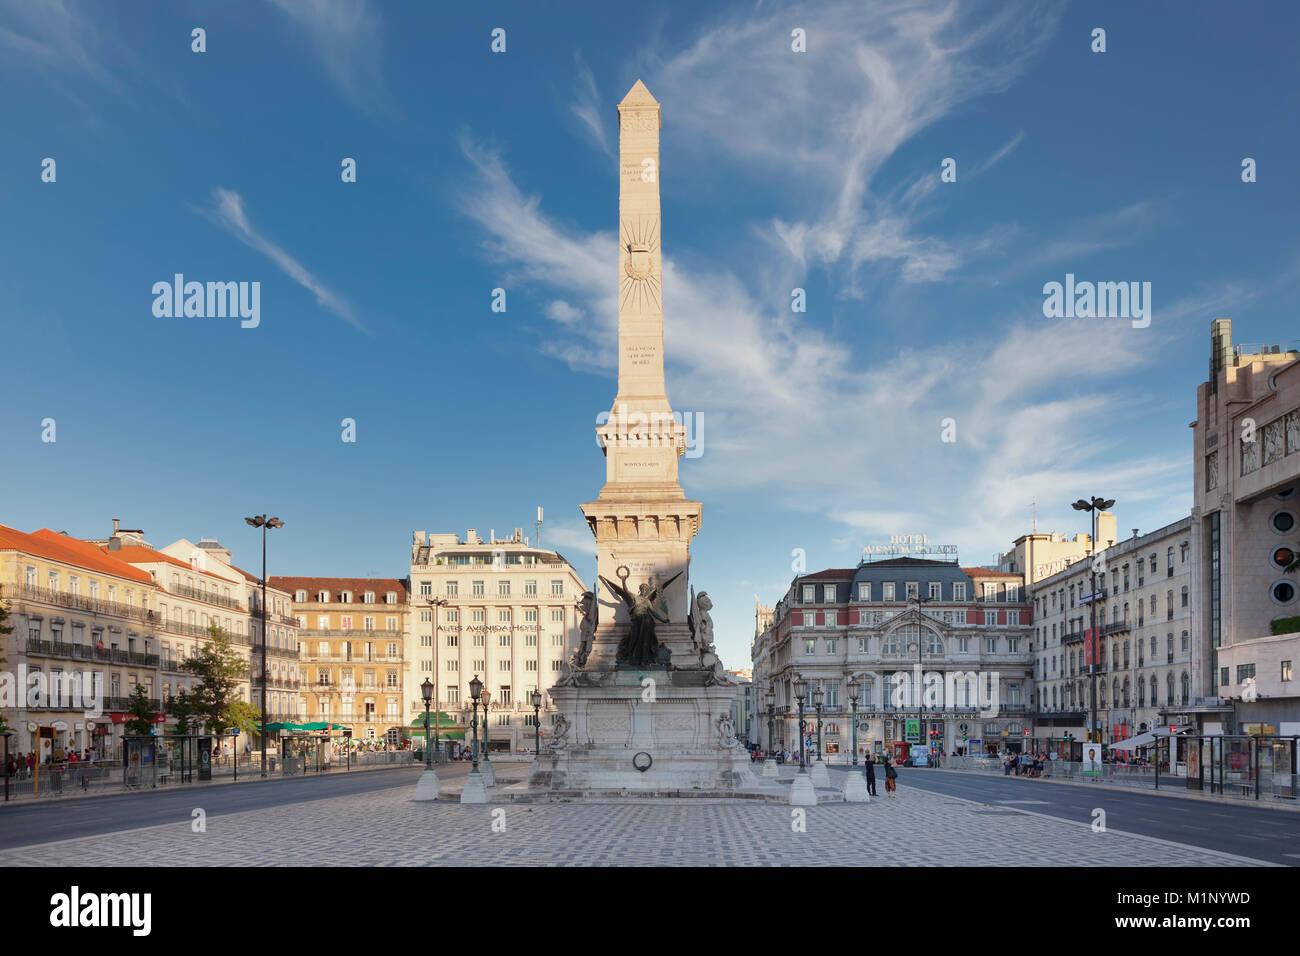 Praça dos Restauradores, el Obelisco, la Avenida da Liberdade, Lisboa, Portugal, Europa Imagen De Stock